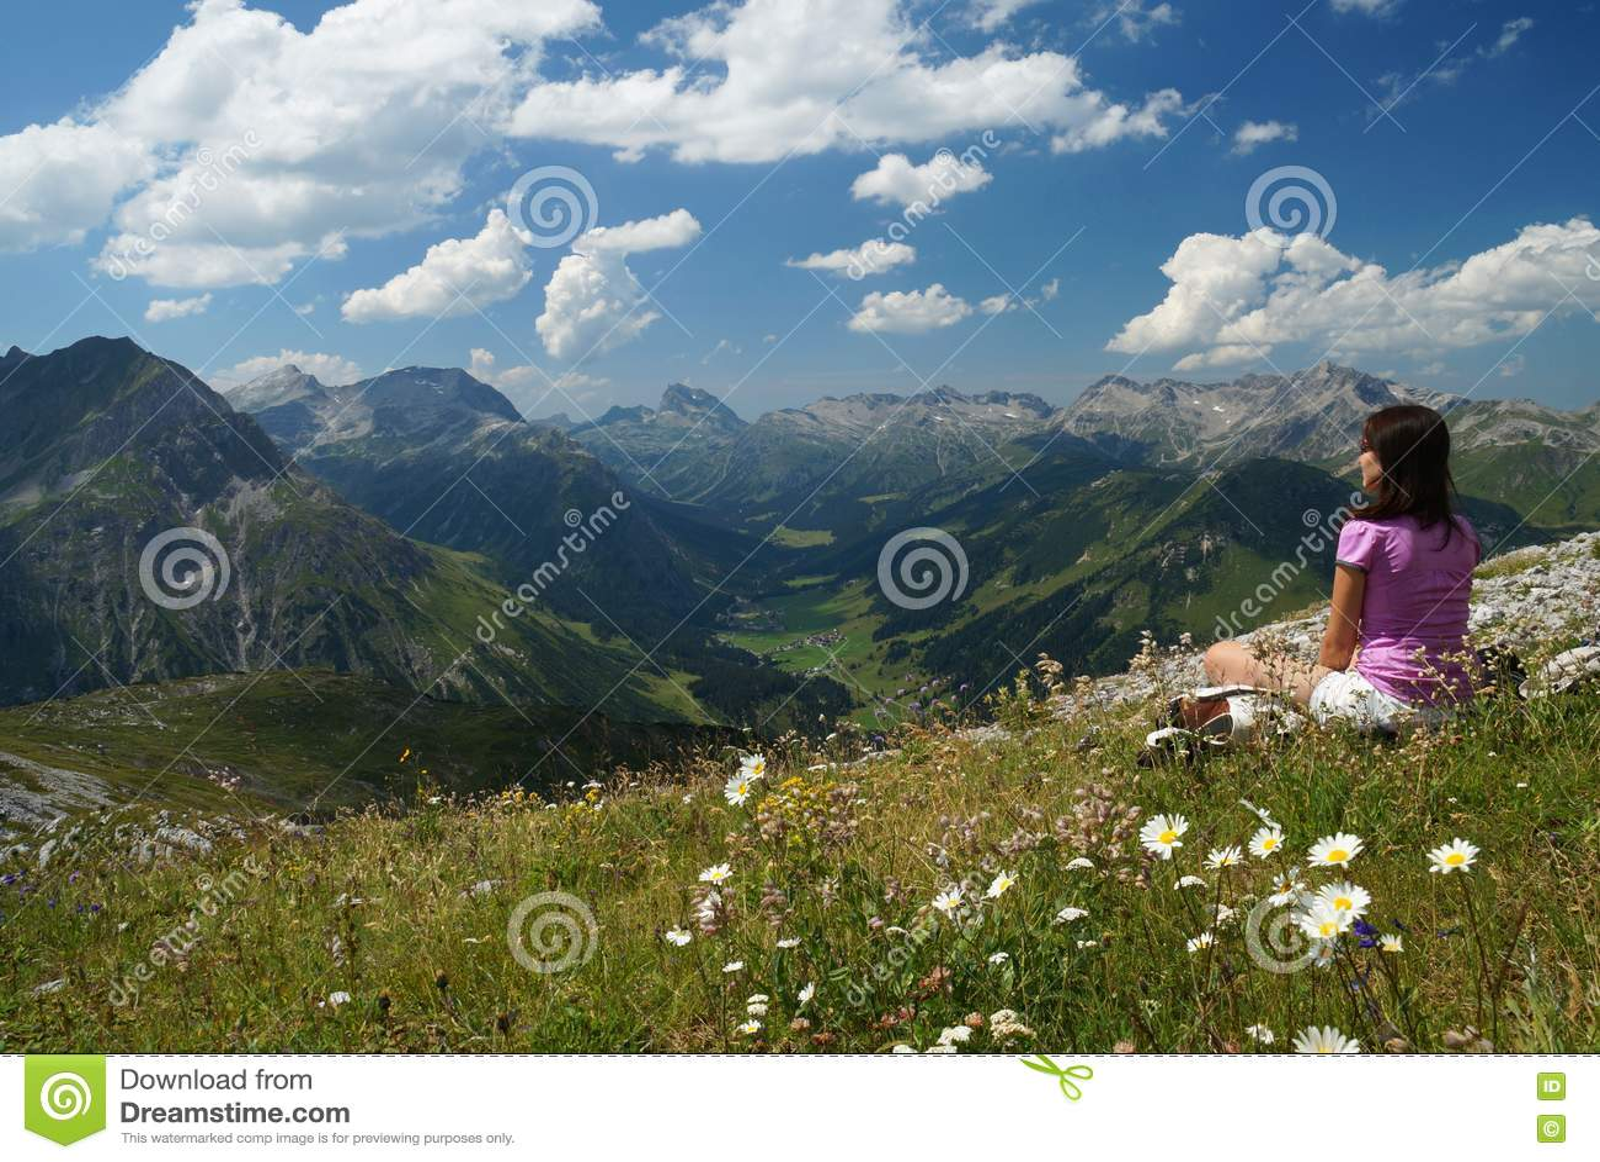 El caminante femenino disfruta de la visión desde un prado alpino en la alta elevación